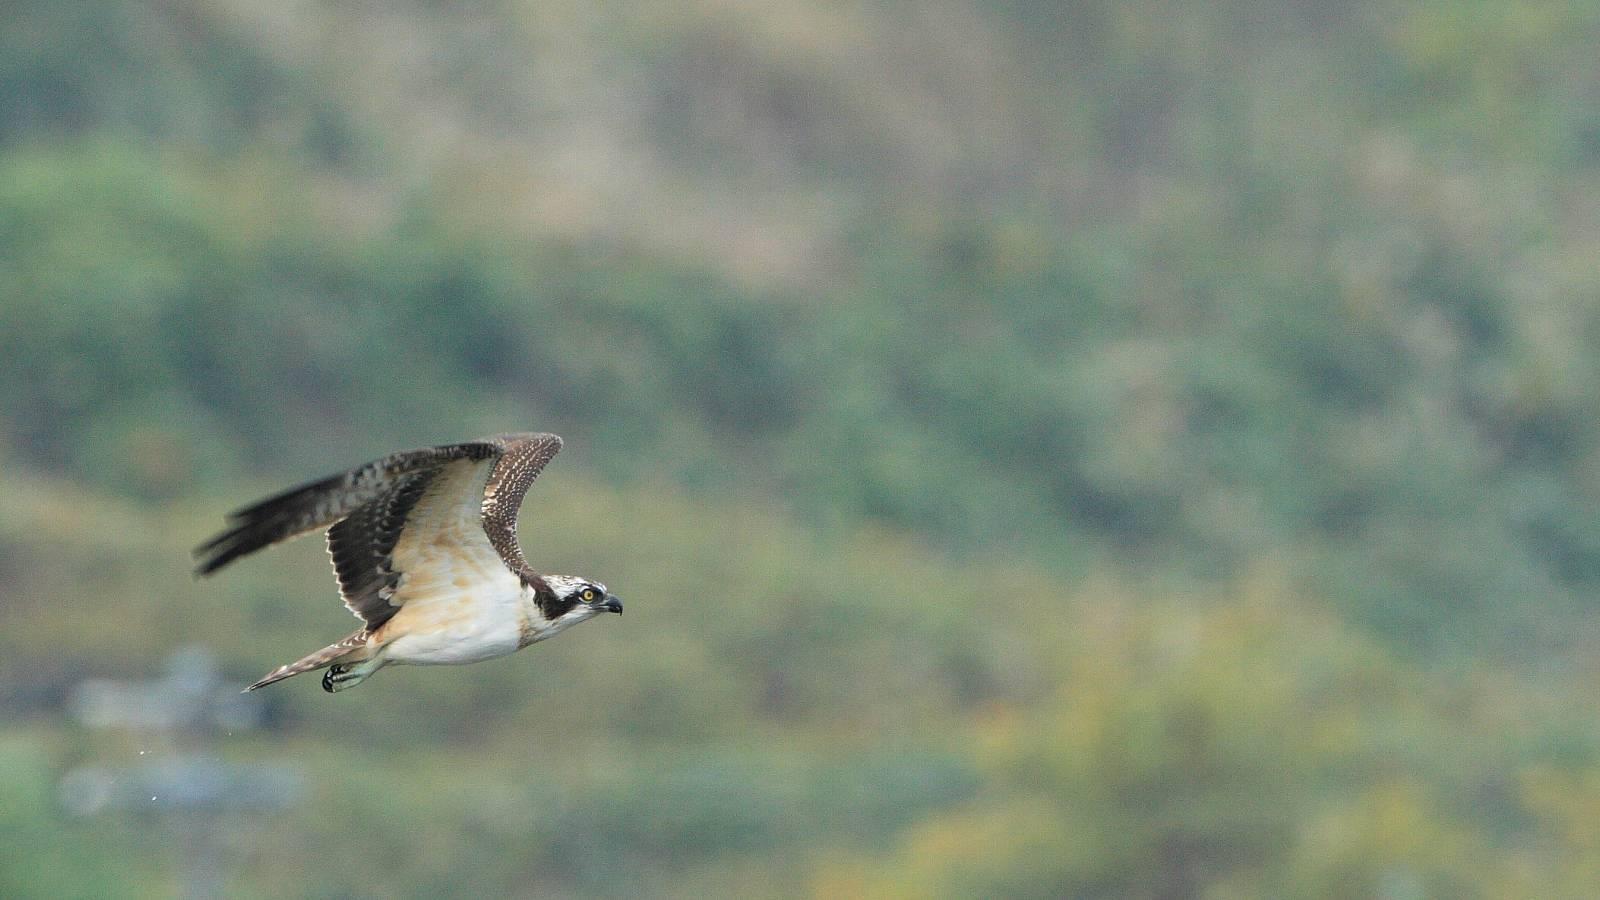 さまざまなミサゴの飛翔シーン(精悍で迫力満点の猛禽の飛び物壁紙)_f0105570_2244843.jpg